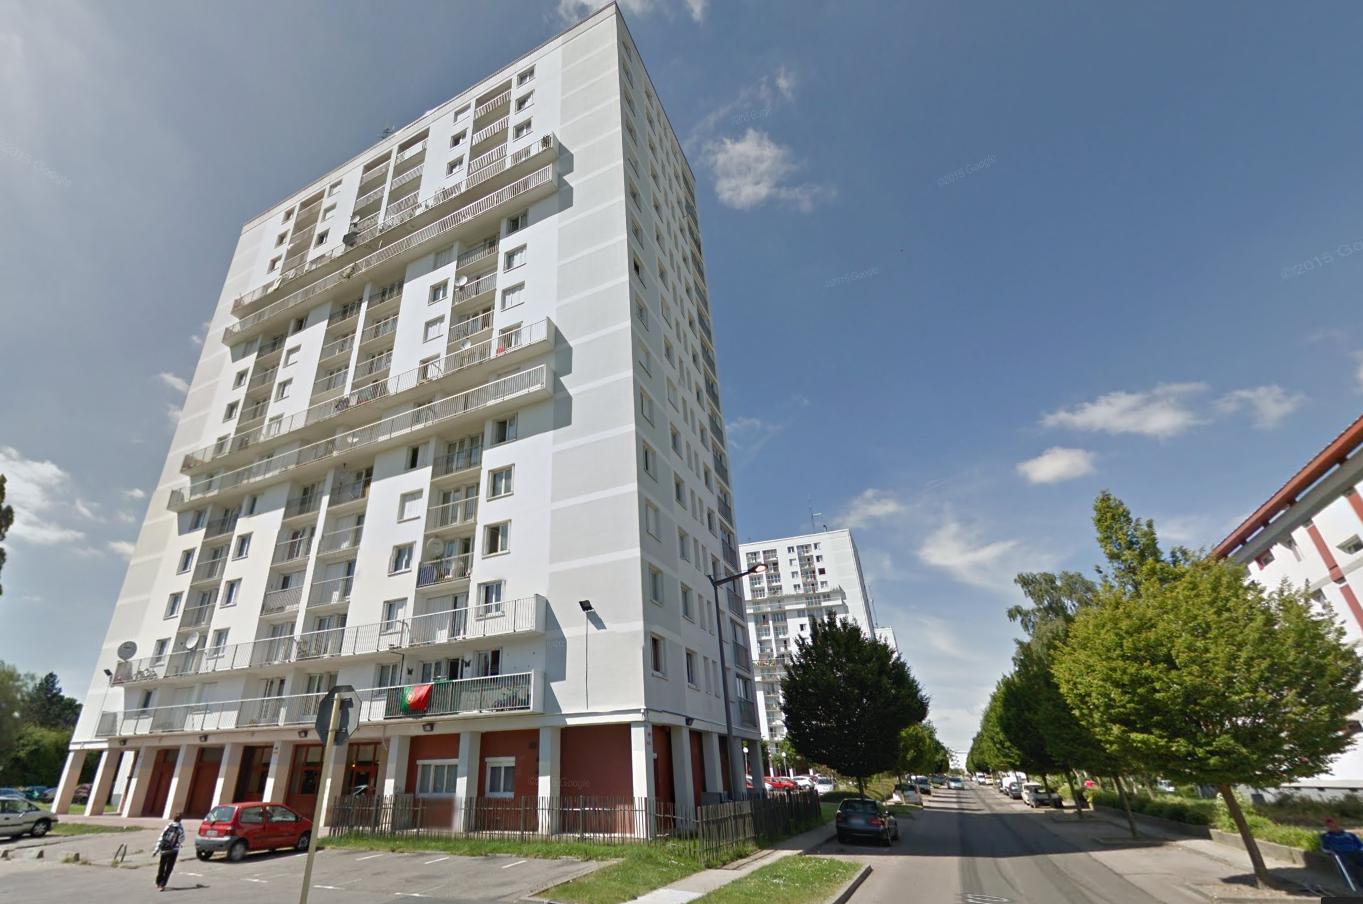 C'est dans un appartement situé au 10ème d'une des tours de la rue Camille Pissarro, à Canteleu, que les policiers ont interpellé le père de famille (Illustration@Google Maps)